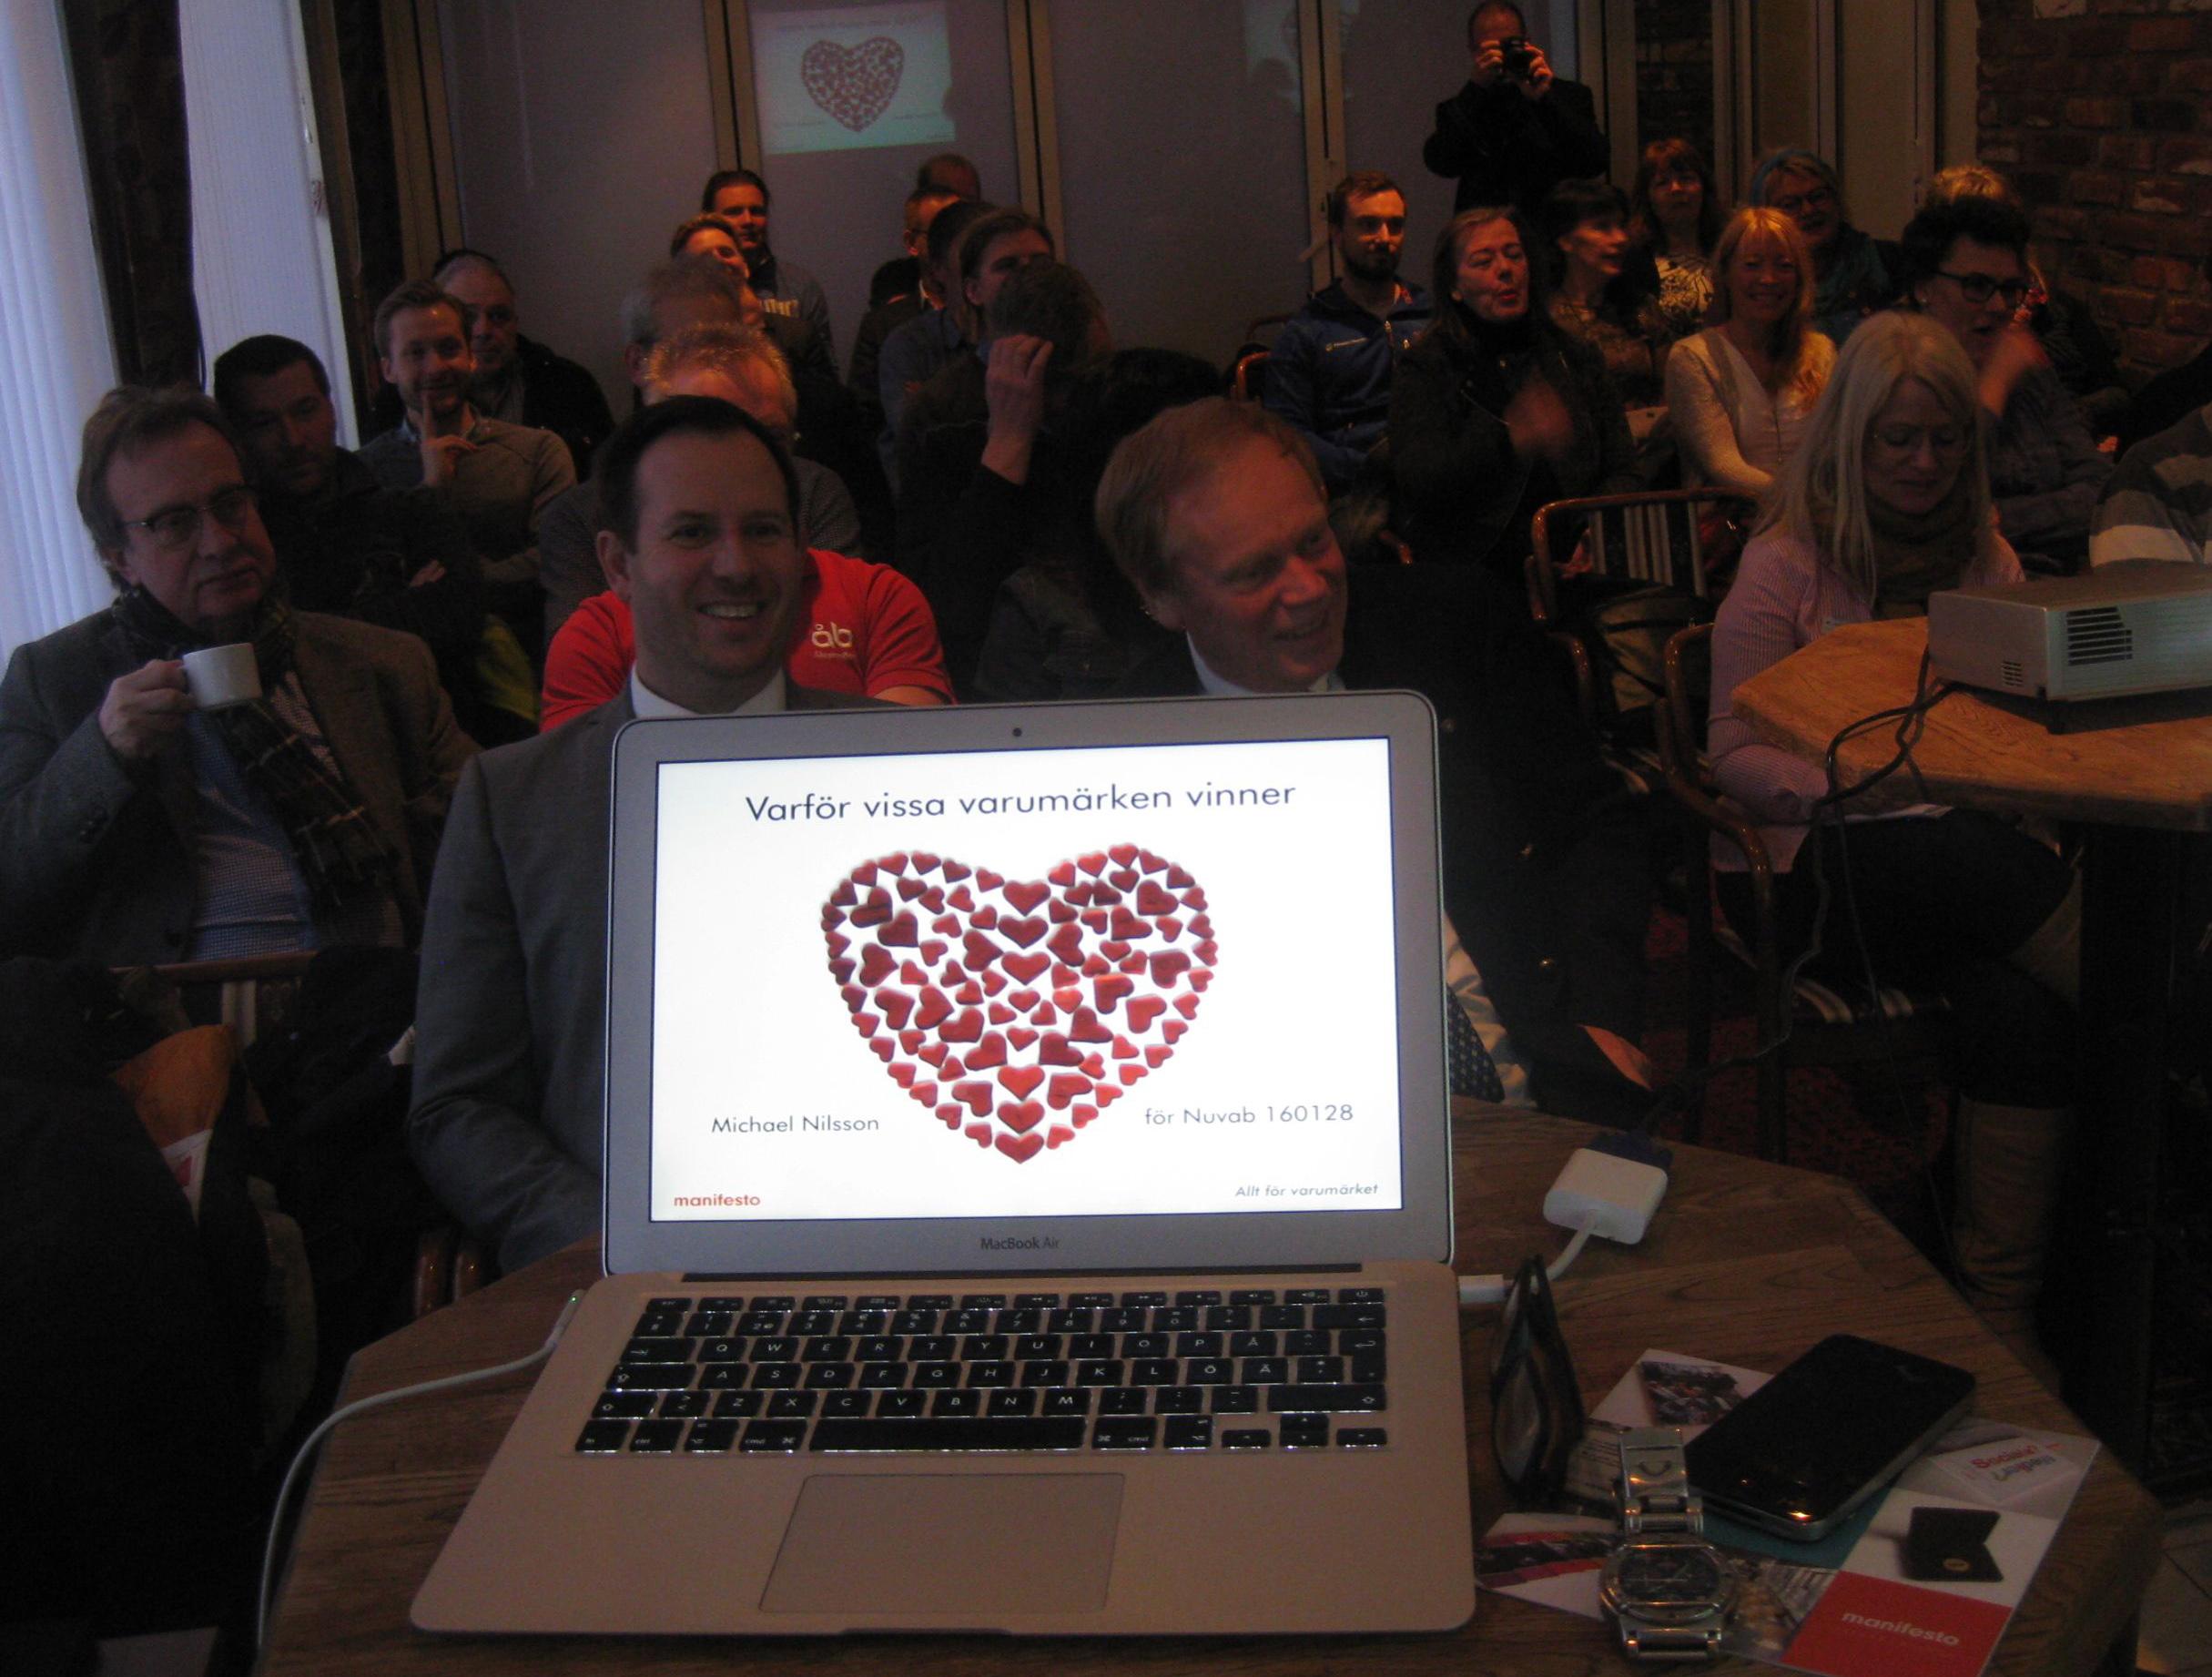 Föredrag om nollbudget branding för Nuvab i Vetlanda